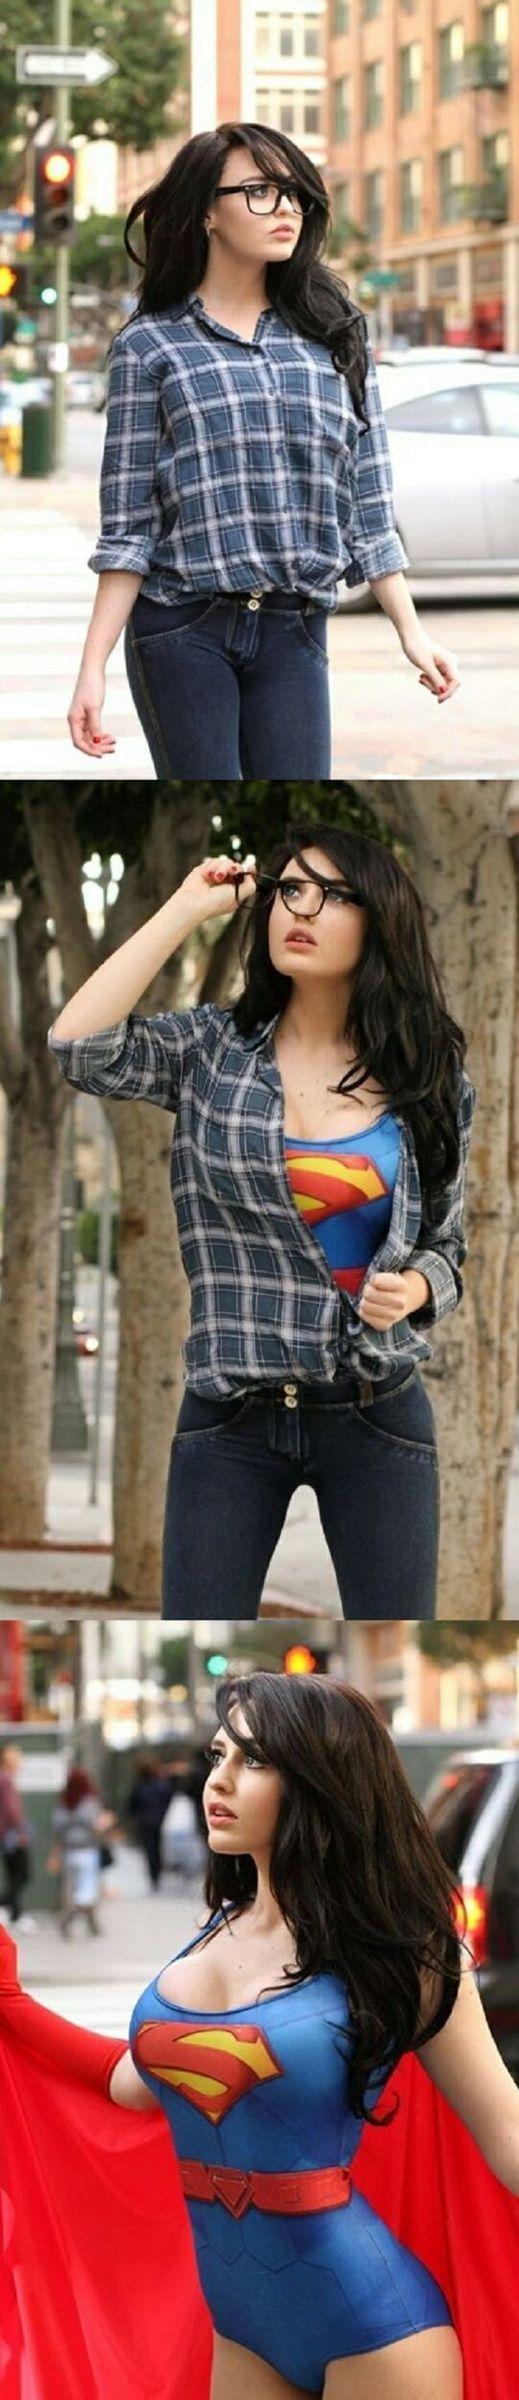 Super Girl \ :v / - meme